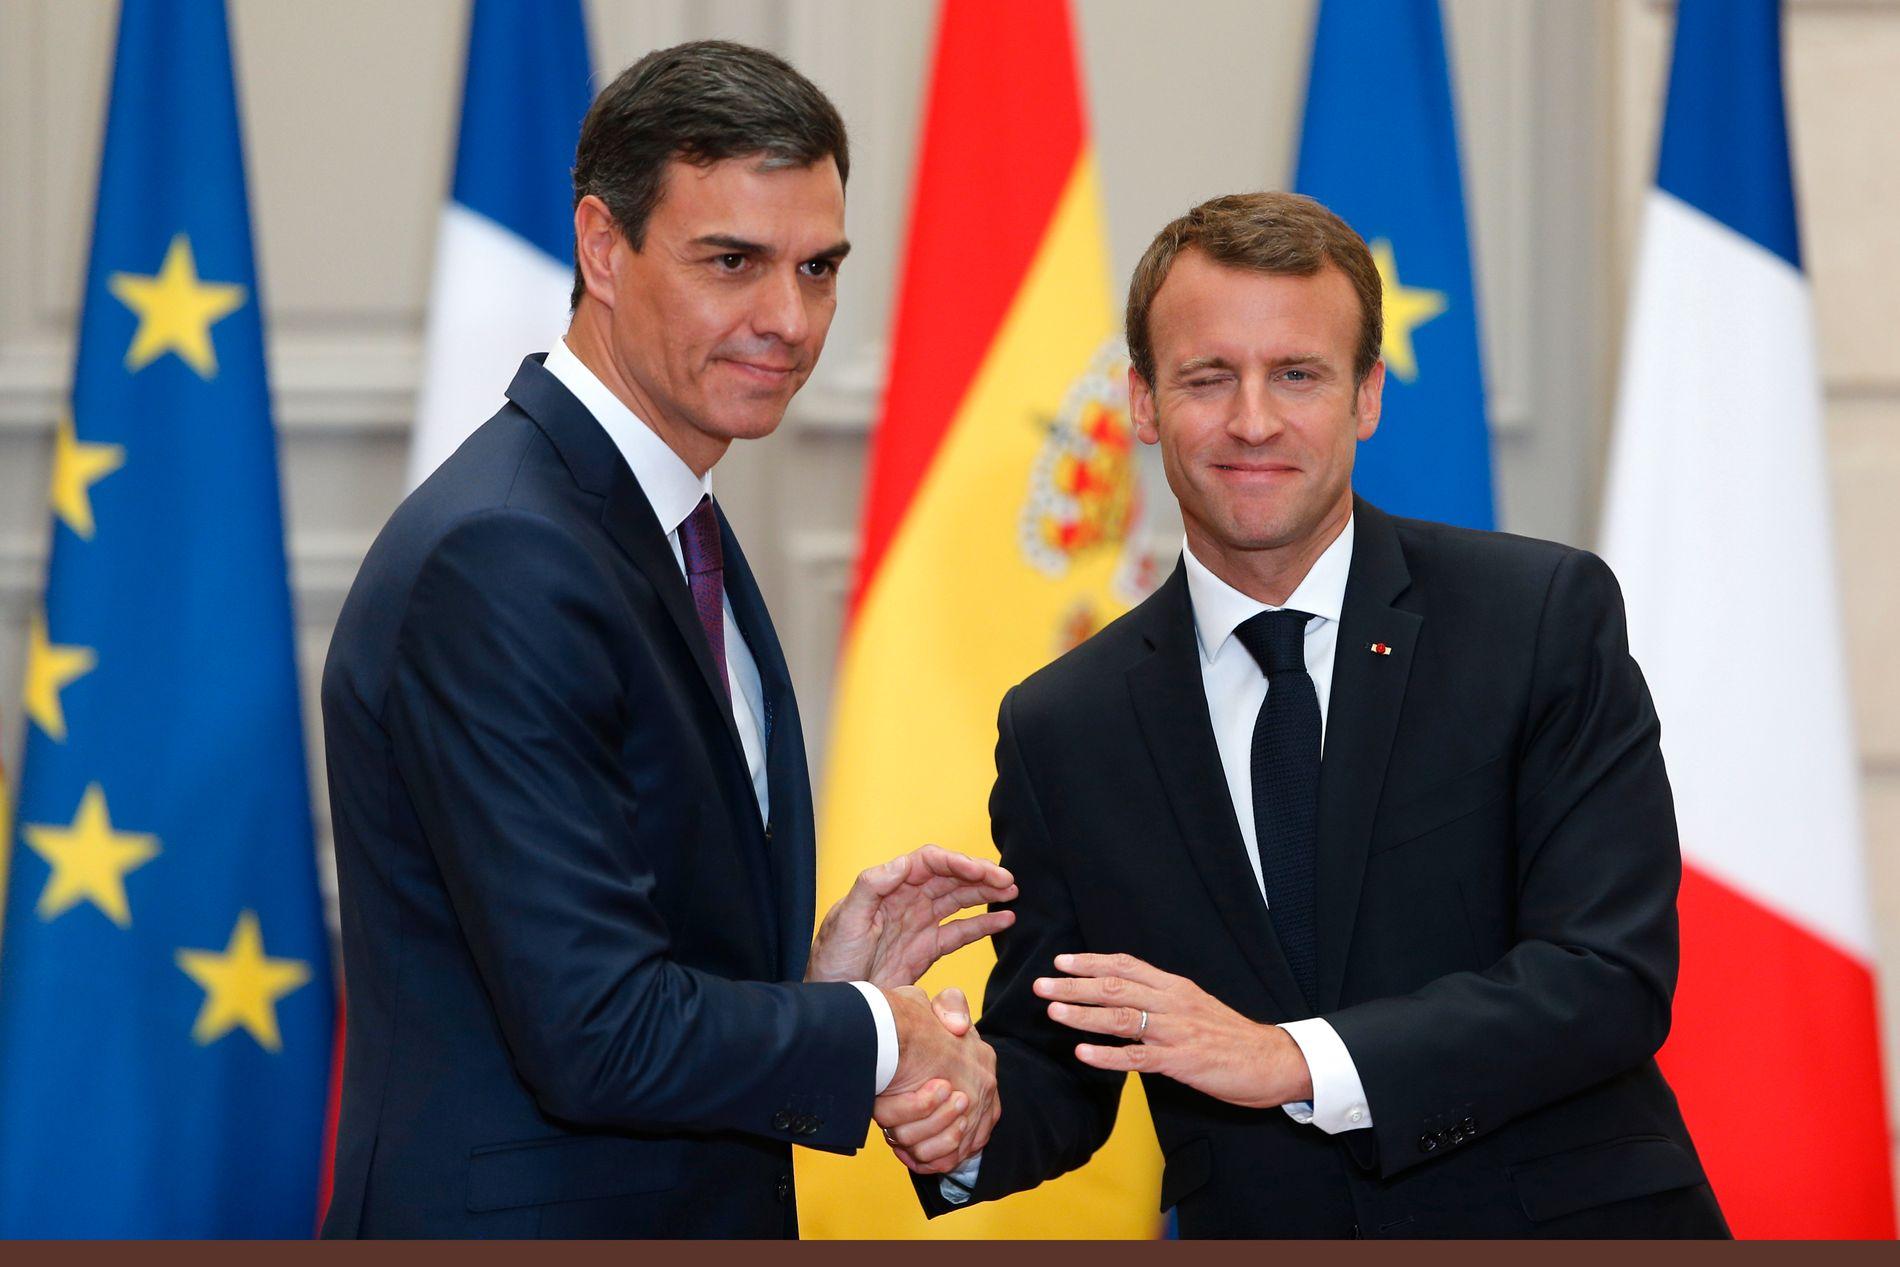 MINITOPPMØTE: Frankrikes president Emmanuel Macron (til høyre) fikk besøk av Spanias ferske statsminister Pedro Sanchez i Paris lørdag.